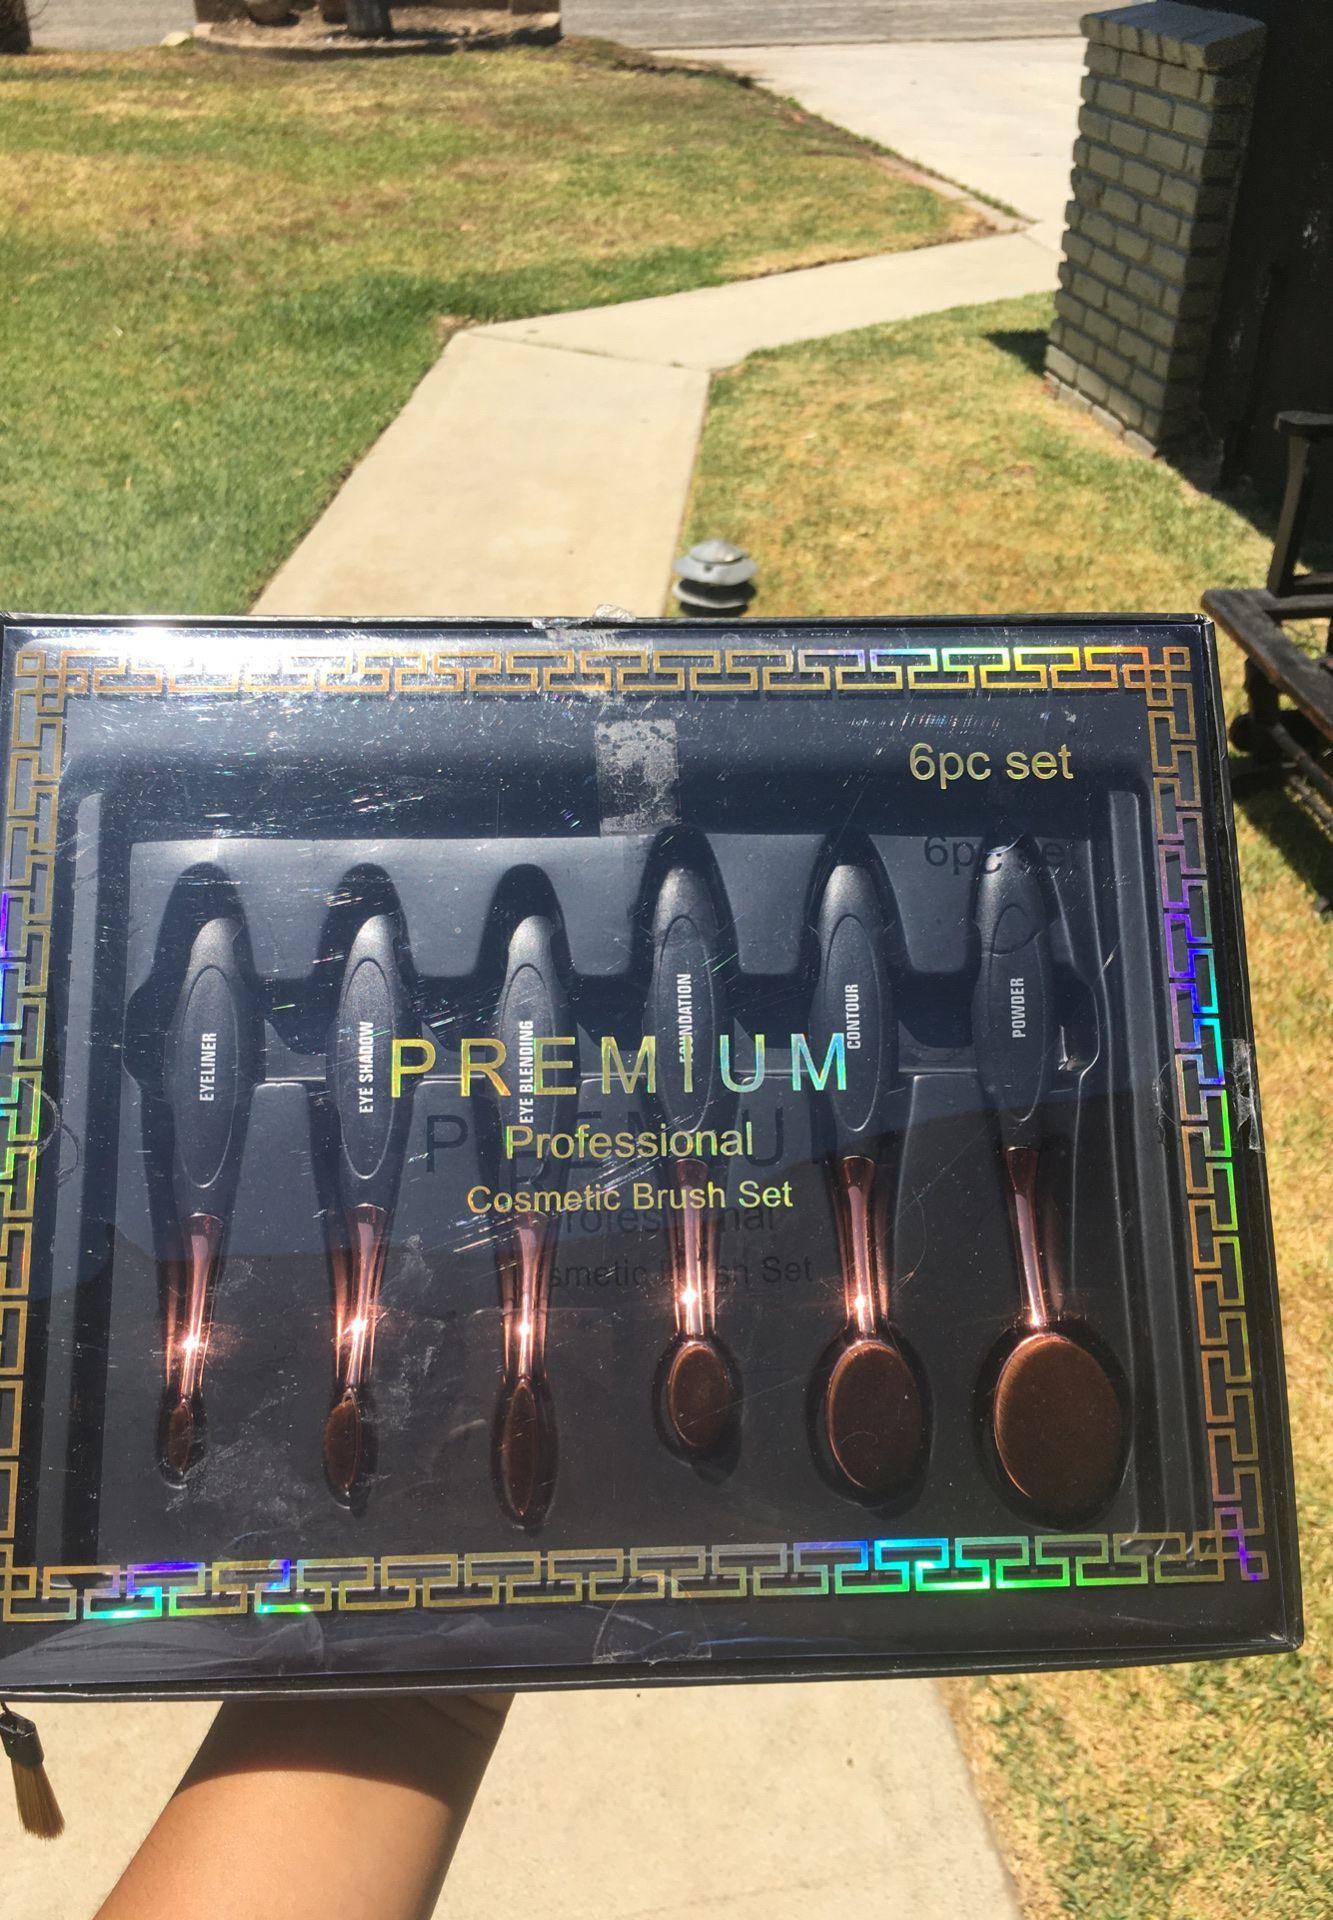 Premium Professional Brush set